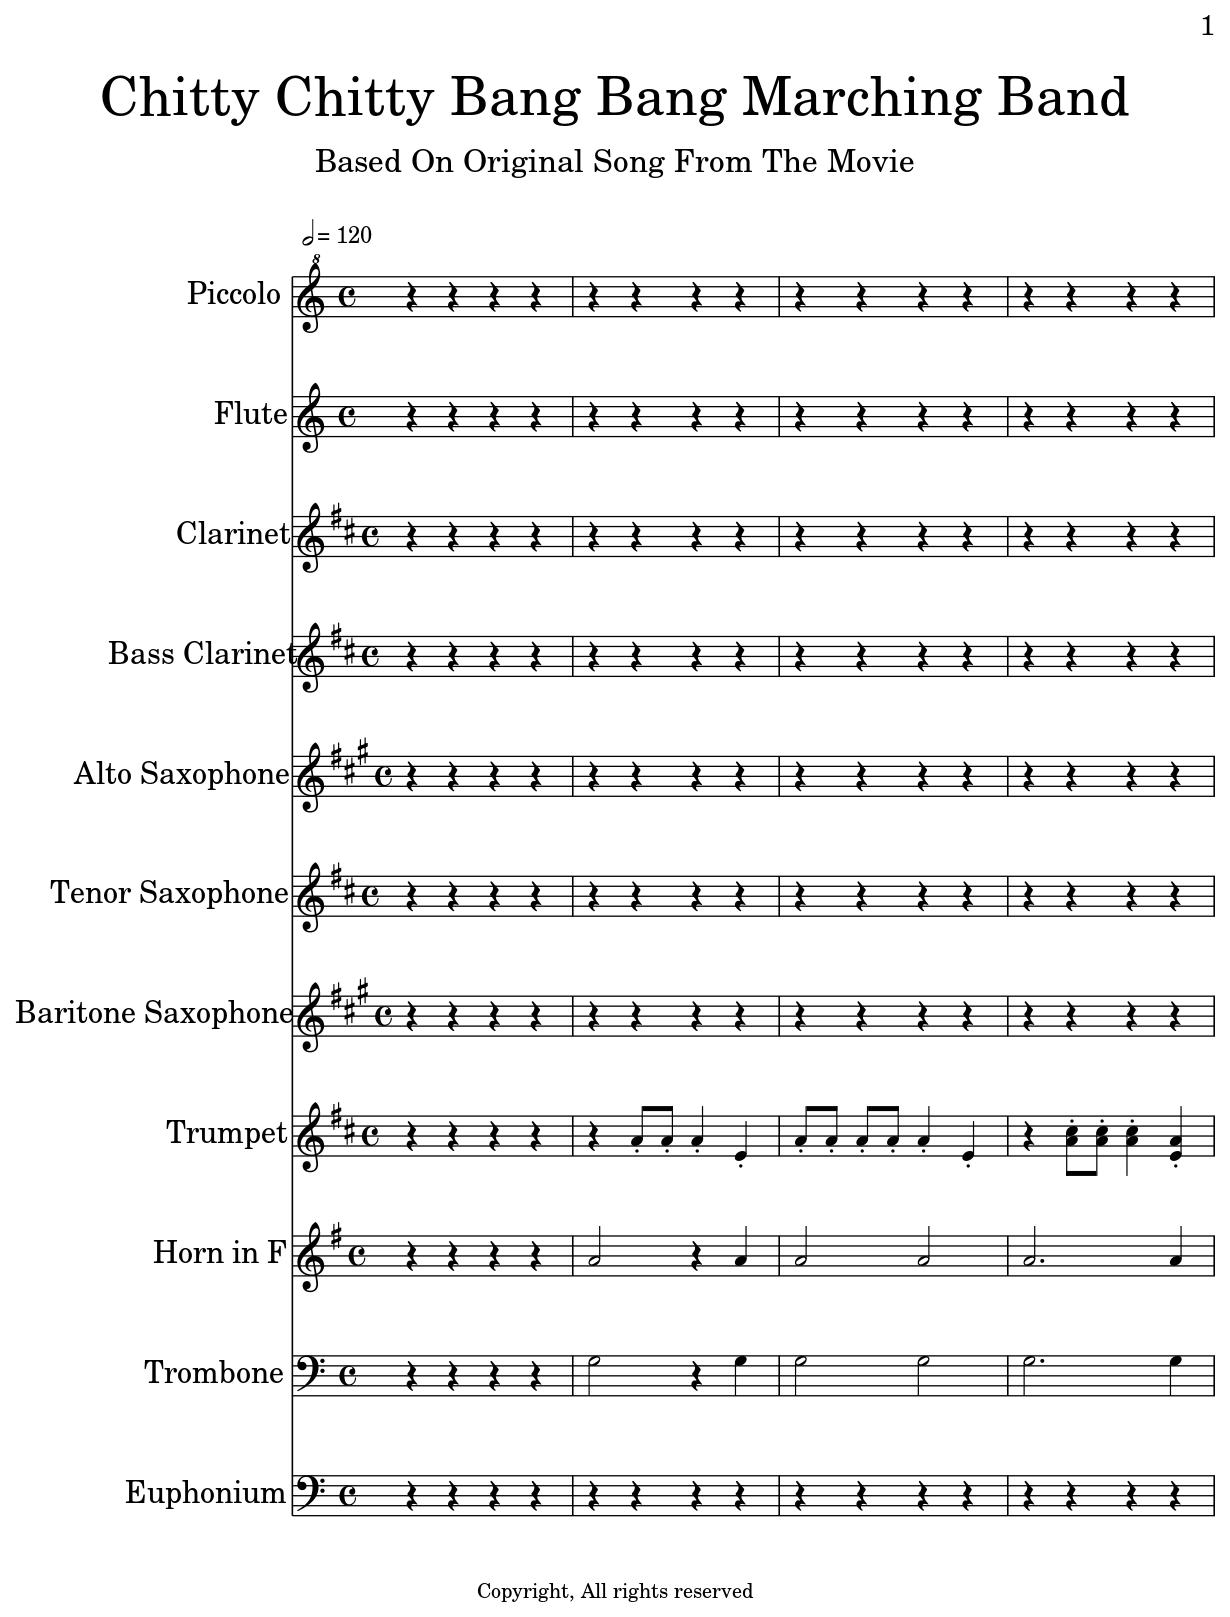 Chitty Chitty Bang Bang Marching Band - Flat